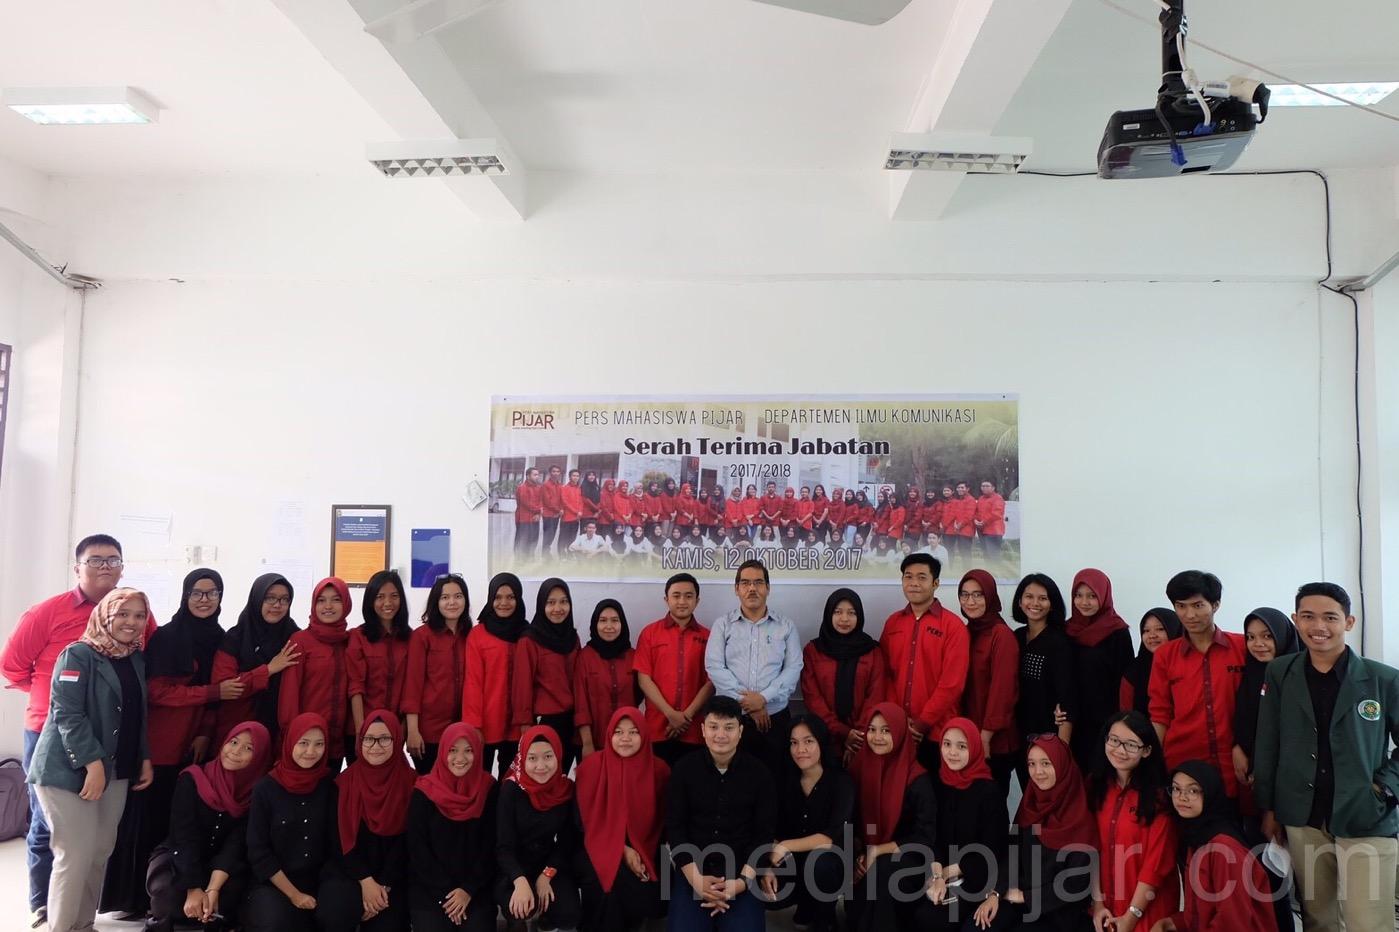 Foto bersama anggota Persma Pijar yang baru. (Fotografer: Putri Arum Marzura)